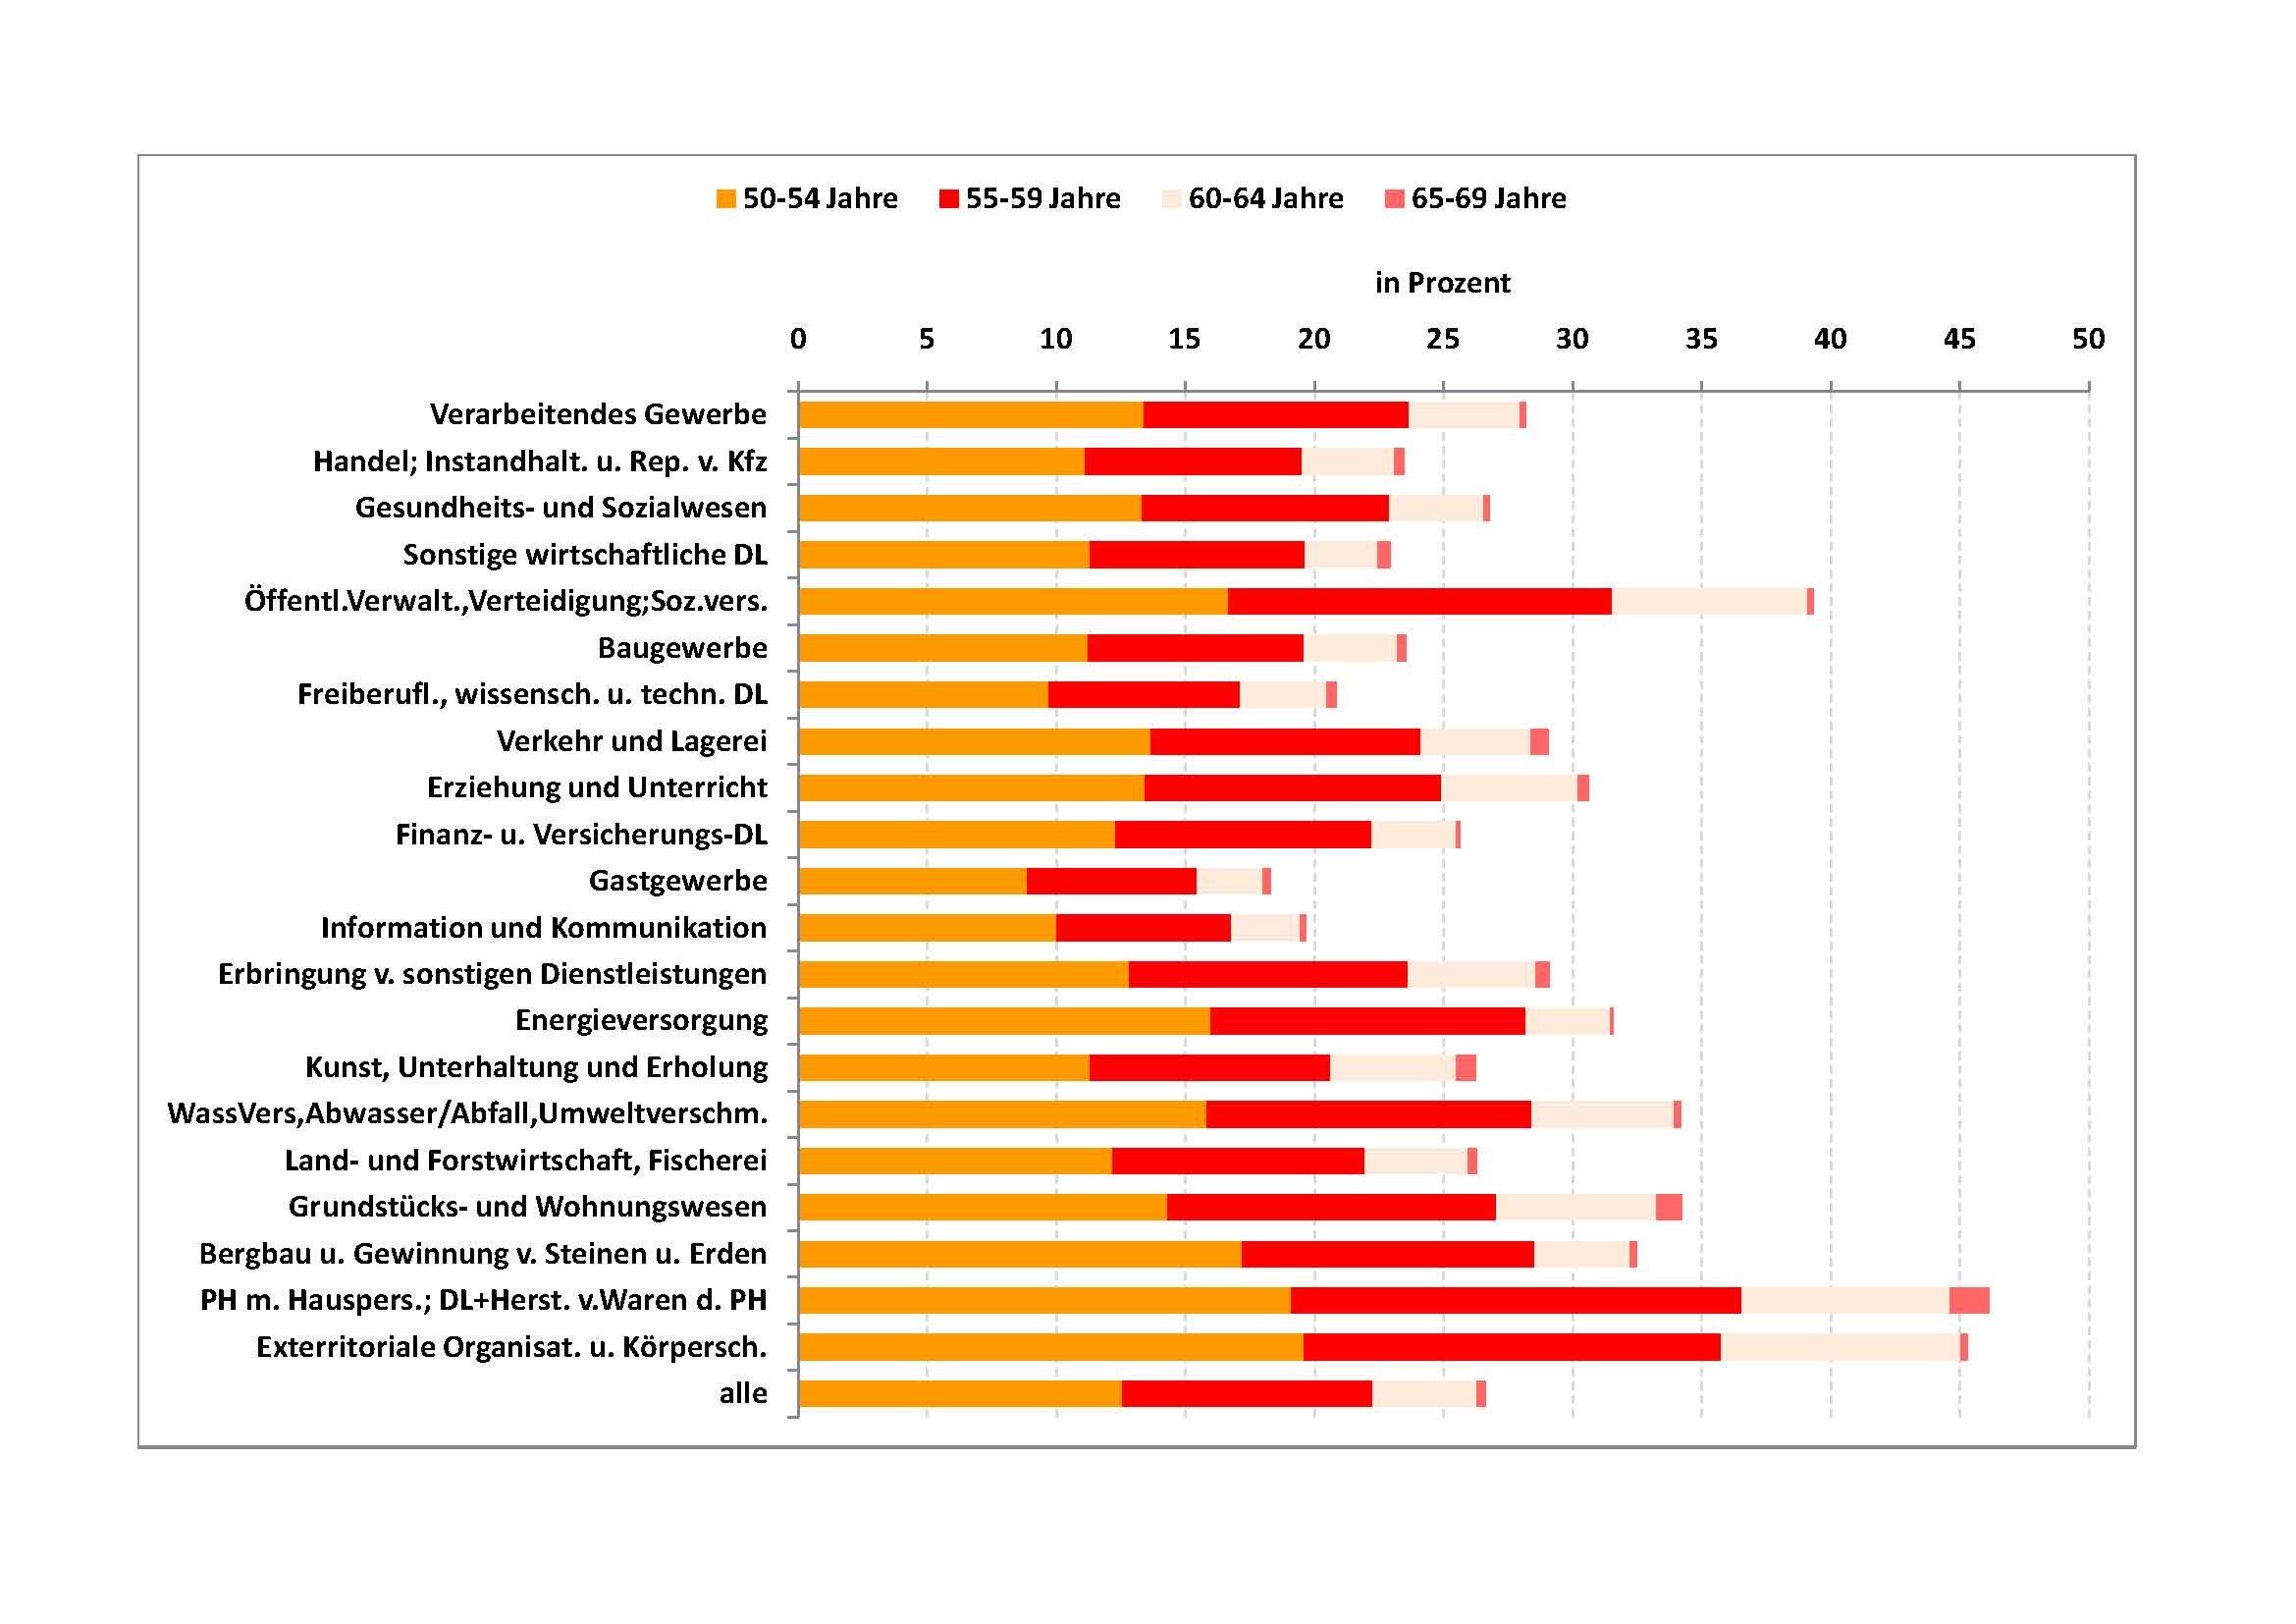 Anteil der Älteren an den sozialversicherungspflichtig Beschäftigten/nach Branchen (30.06.2010) (Quelle: Statistik der Bundesagentur für Arbeit, eigene Berechnungen IAQ)